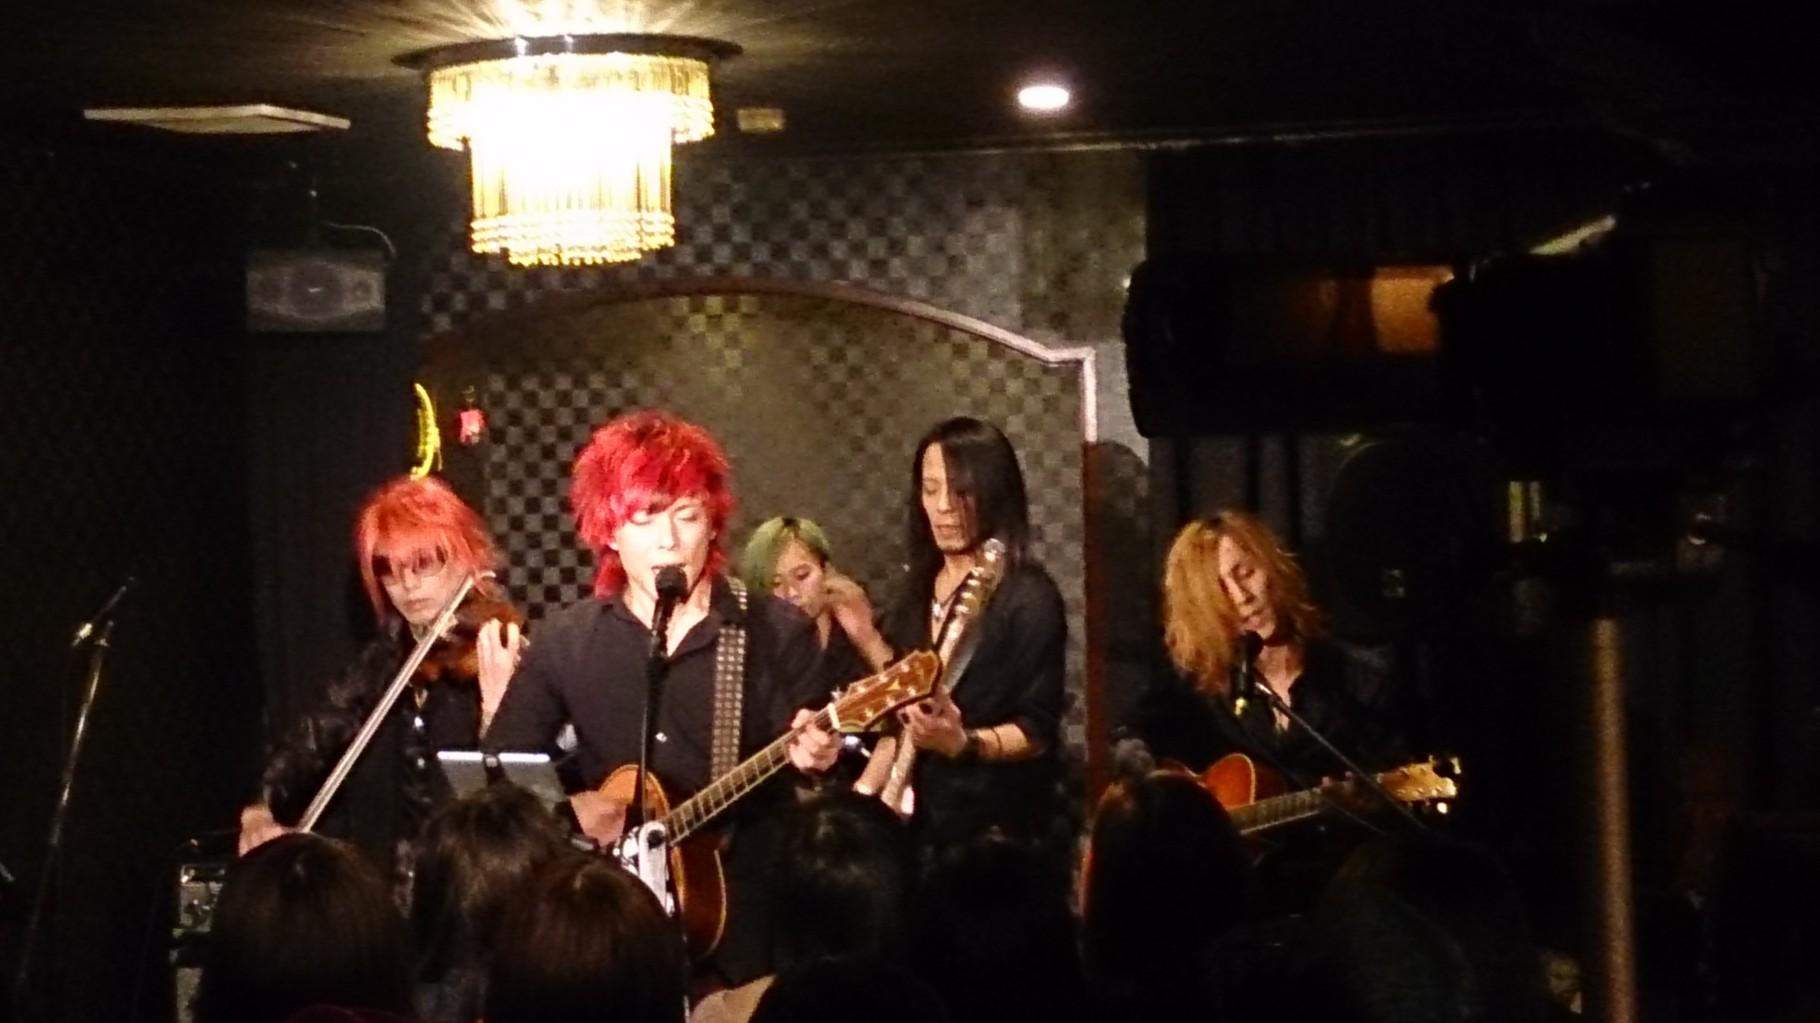 パワフルで素晴らしい歌声のRYOさん♪ RYOさんの素敵な楽曲をヴァイオリンでサポート出来て最高でした!